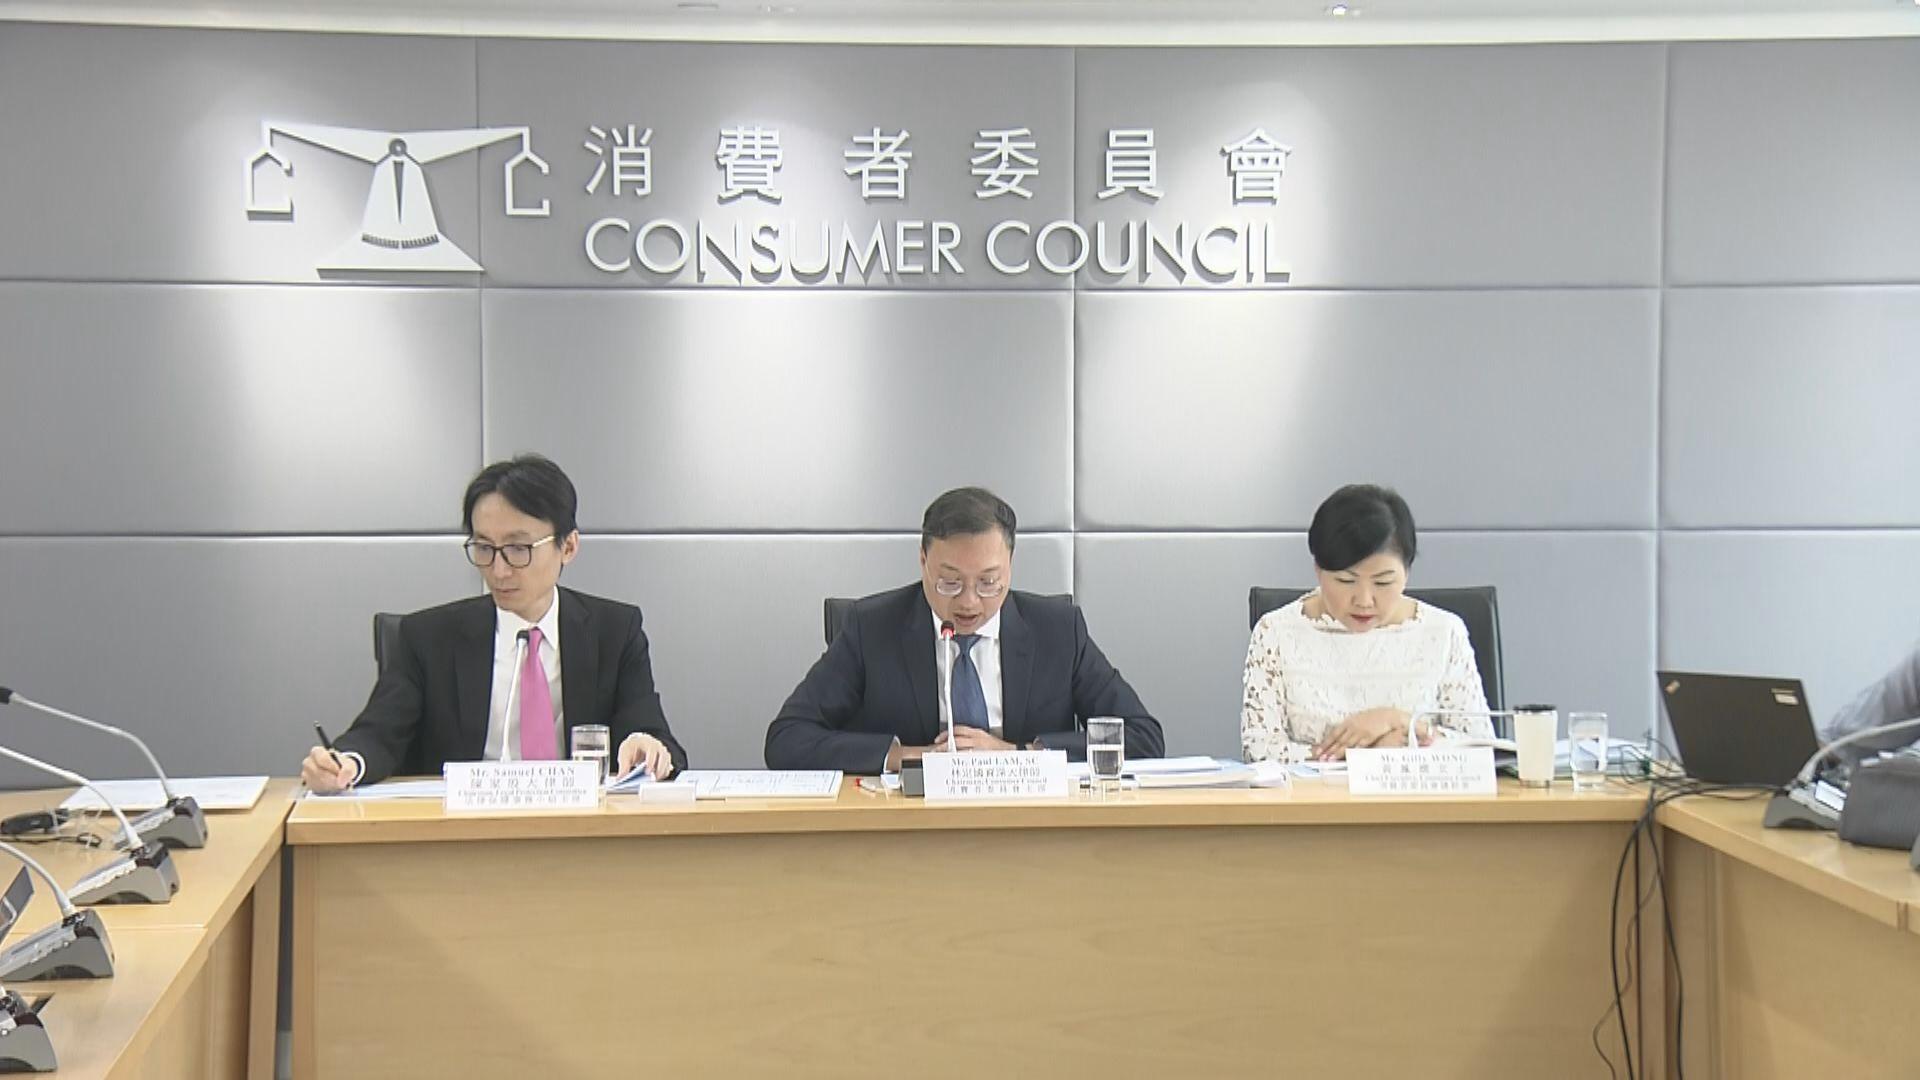 消委會:放債市場規管不足易致市民過度借貸